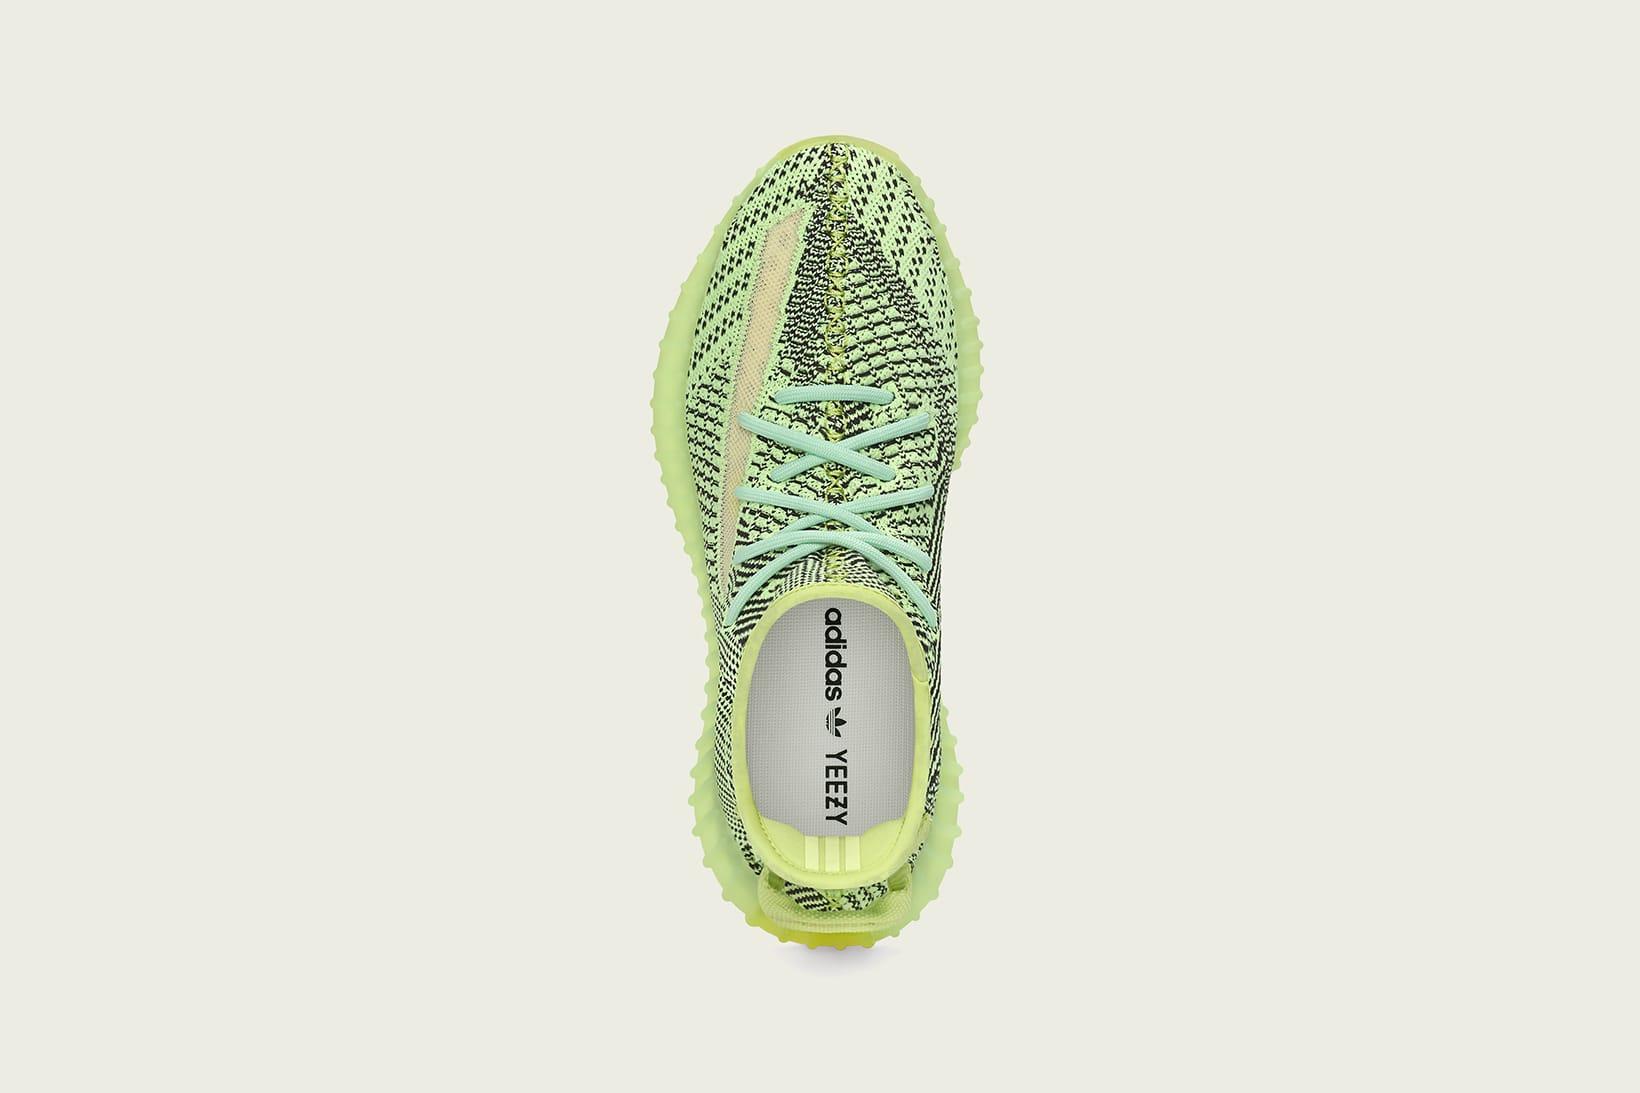 yeezy shoes neon